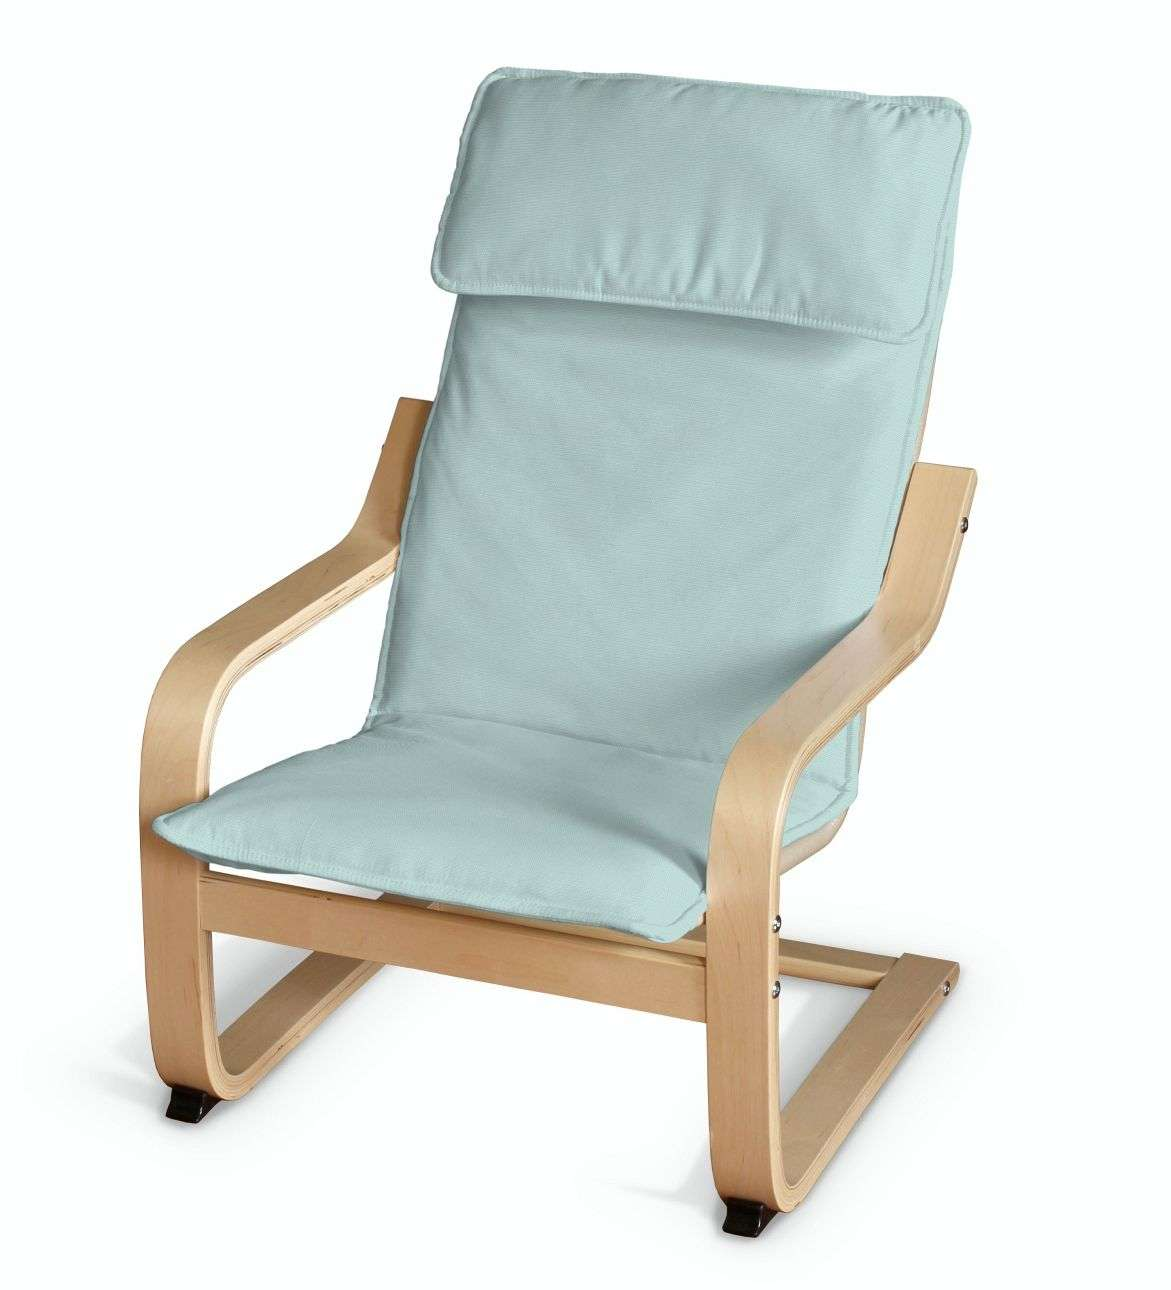 Poduszka na fotelik dziecięcy Poäng w kolekcji Cotton Panama, tkanina: 702-10